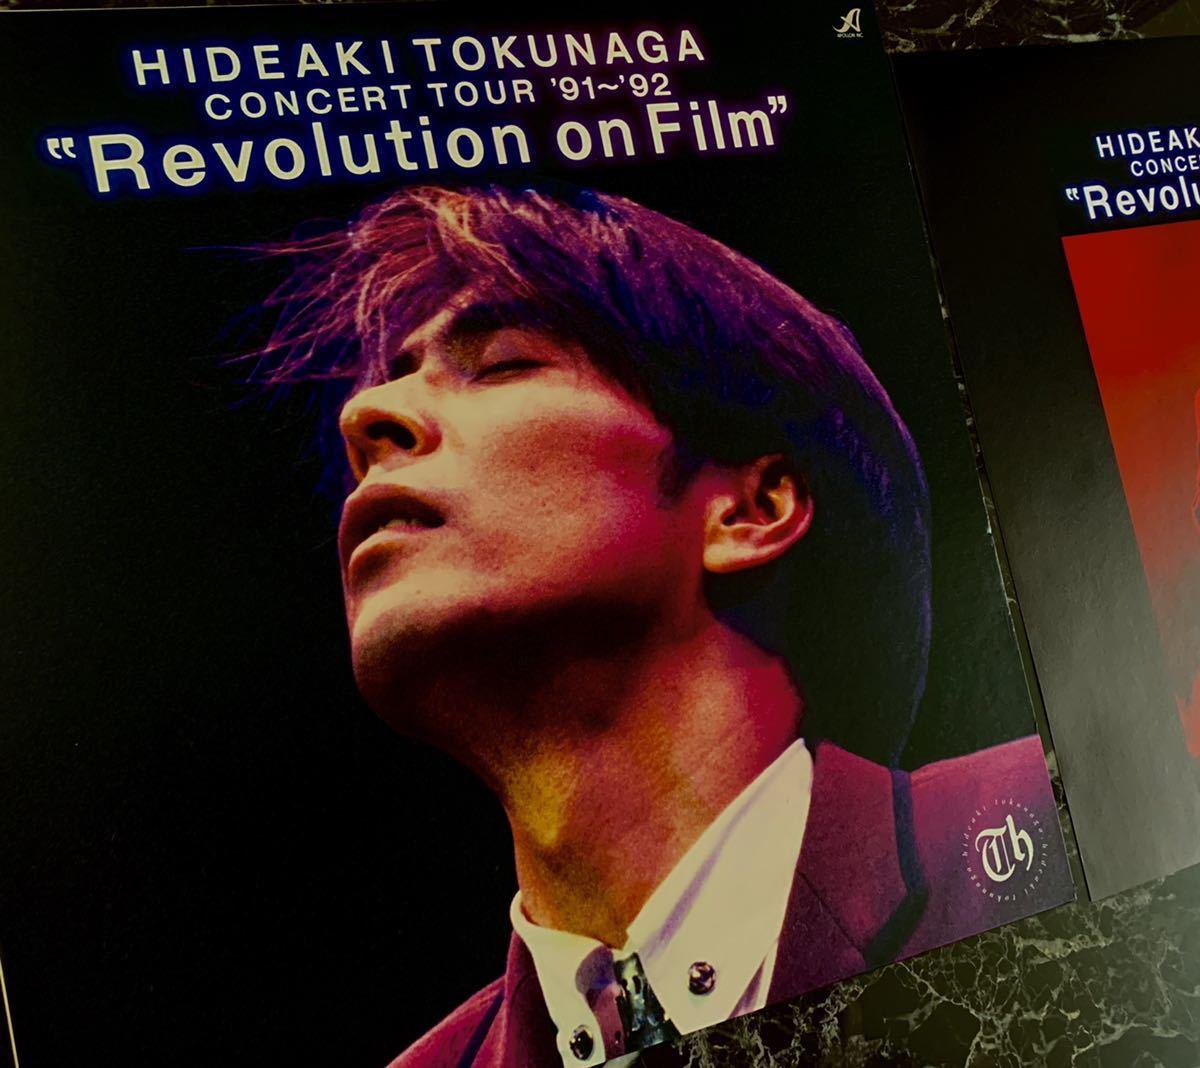 ☆【送料無料】☆徳永英明 【REVOLUTION ON FILM [Laser Disc] 】☆ 【初回限定盤】<恋の行方>ビデオクリップ収録!直筆コピー文書入り _画像4